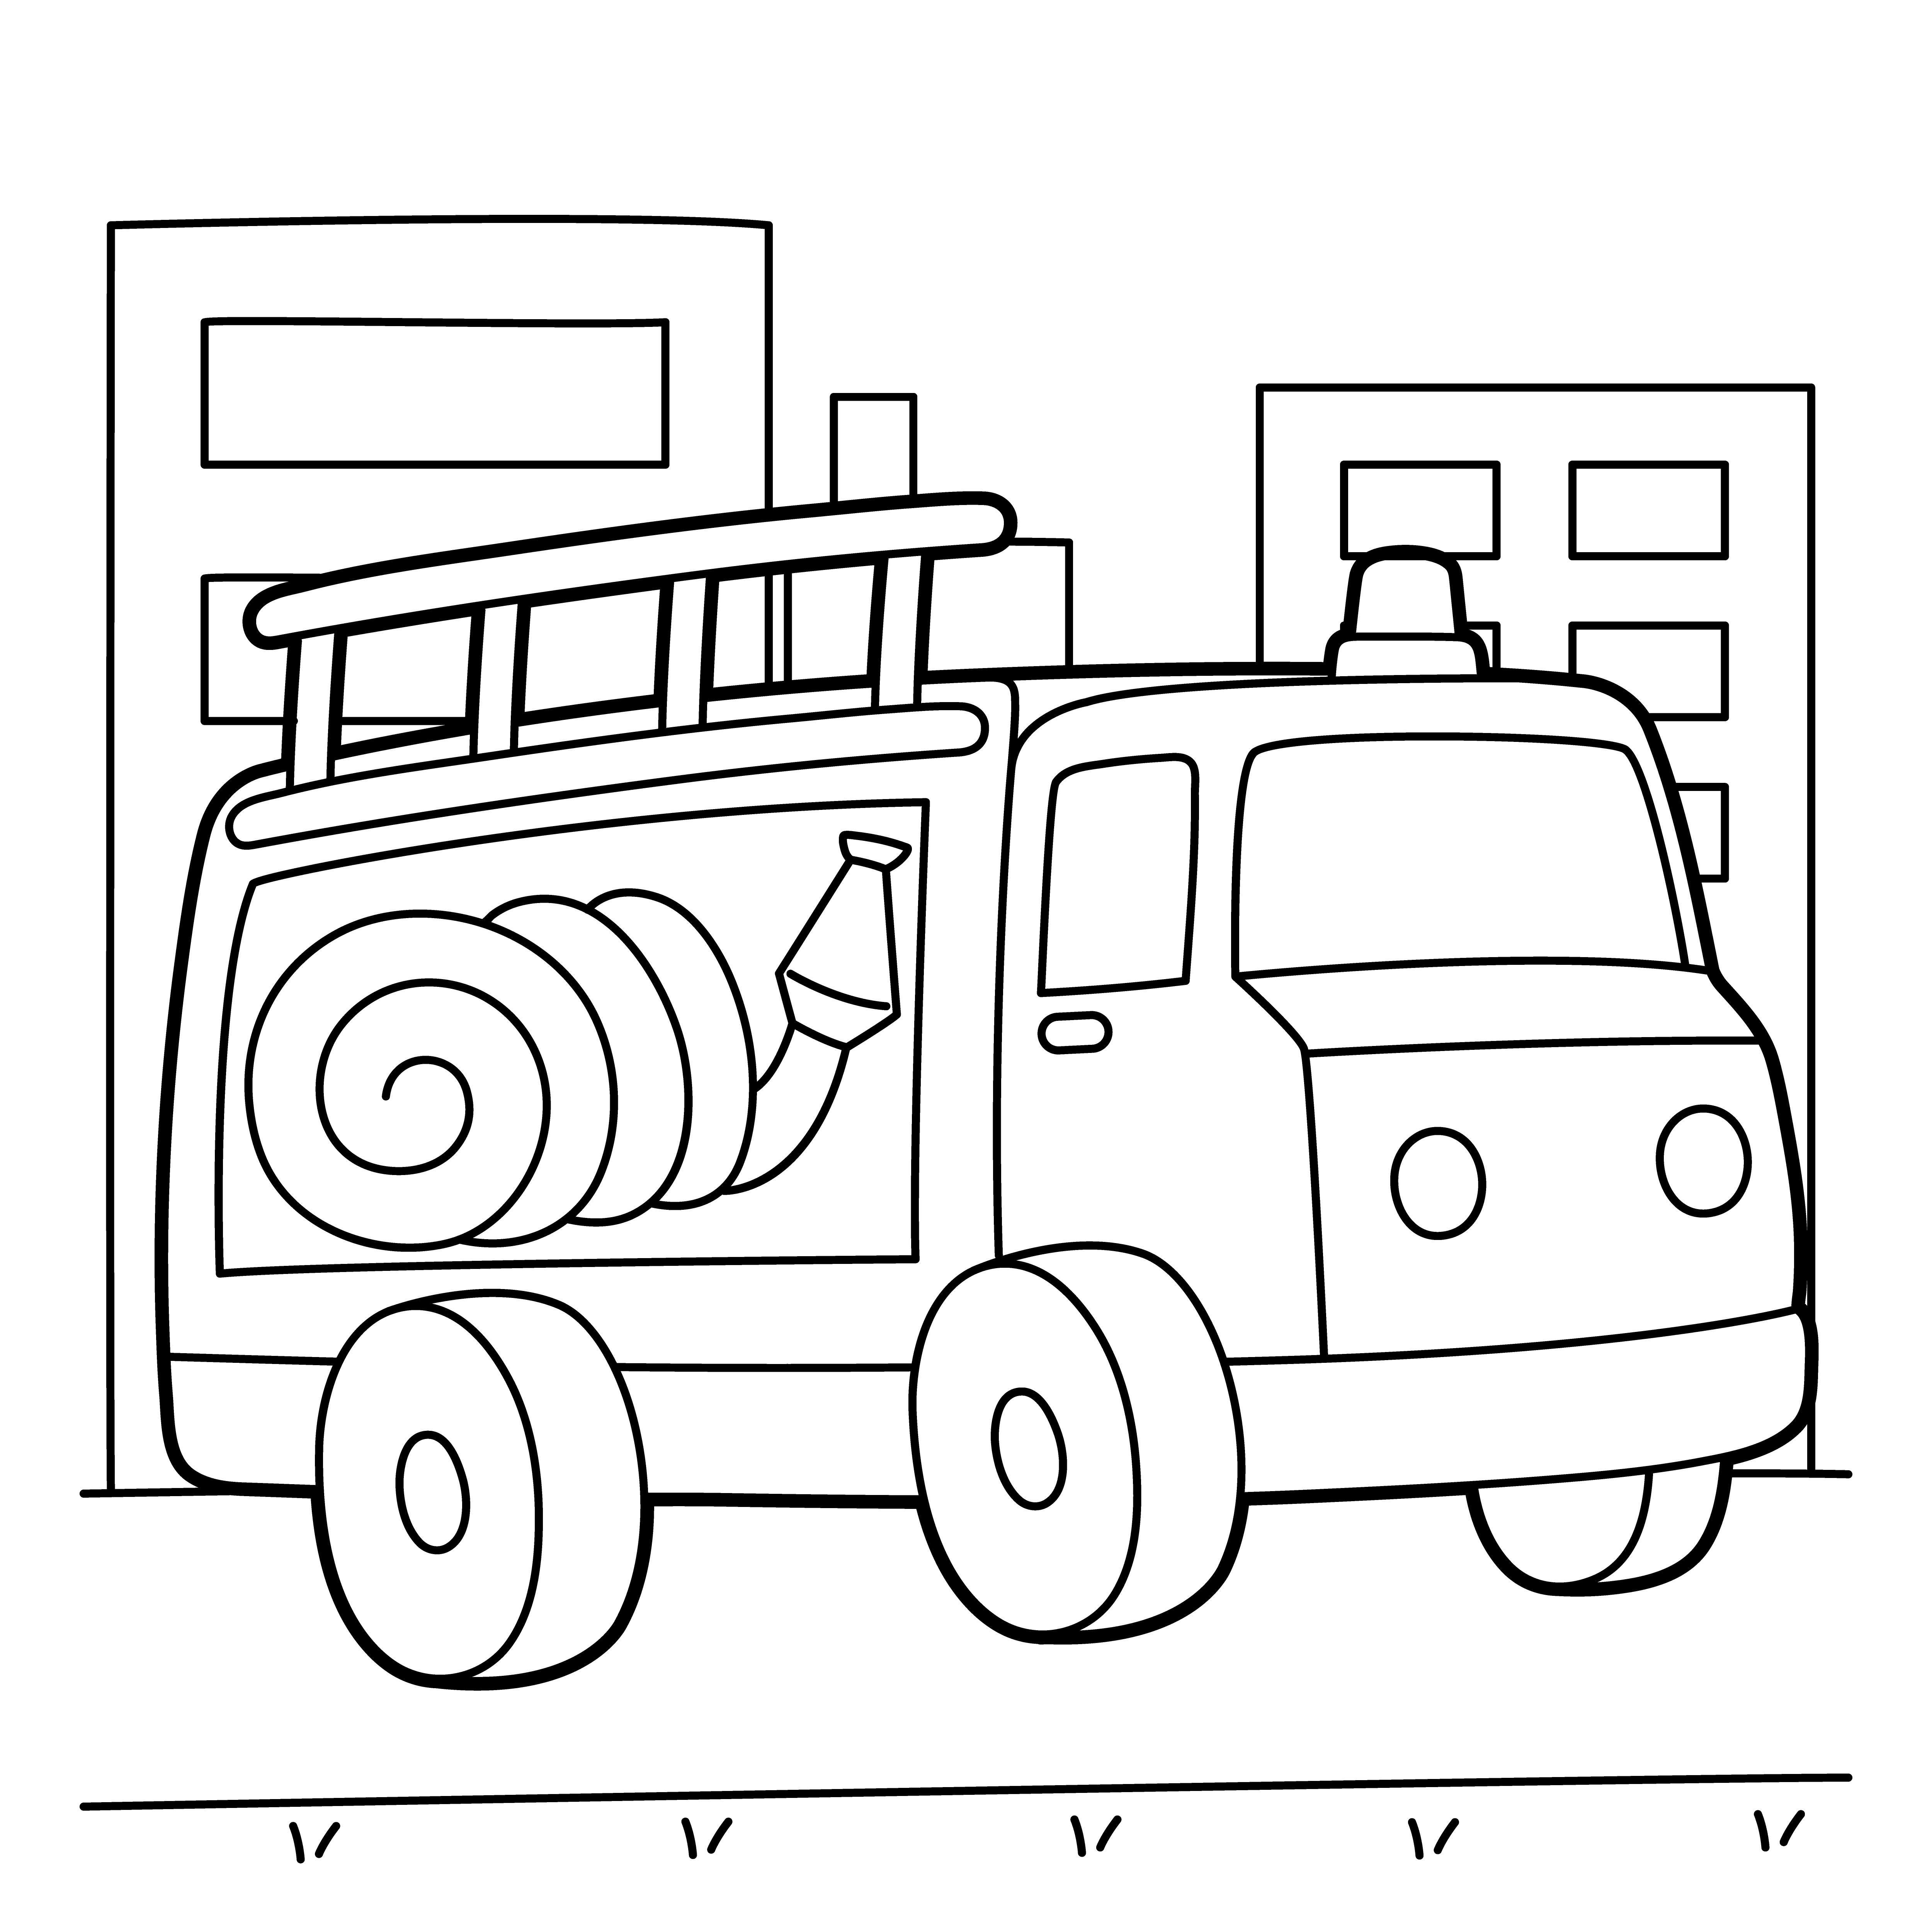 Coloriage De Camion De Pompiers Telecharger Vectoriel Gratuit Clipart Graphique Vecteur Dessins Et Pictogramme Gratuit